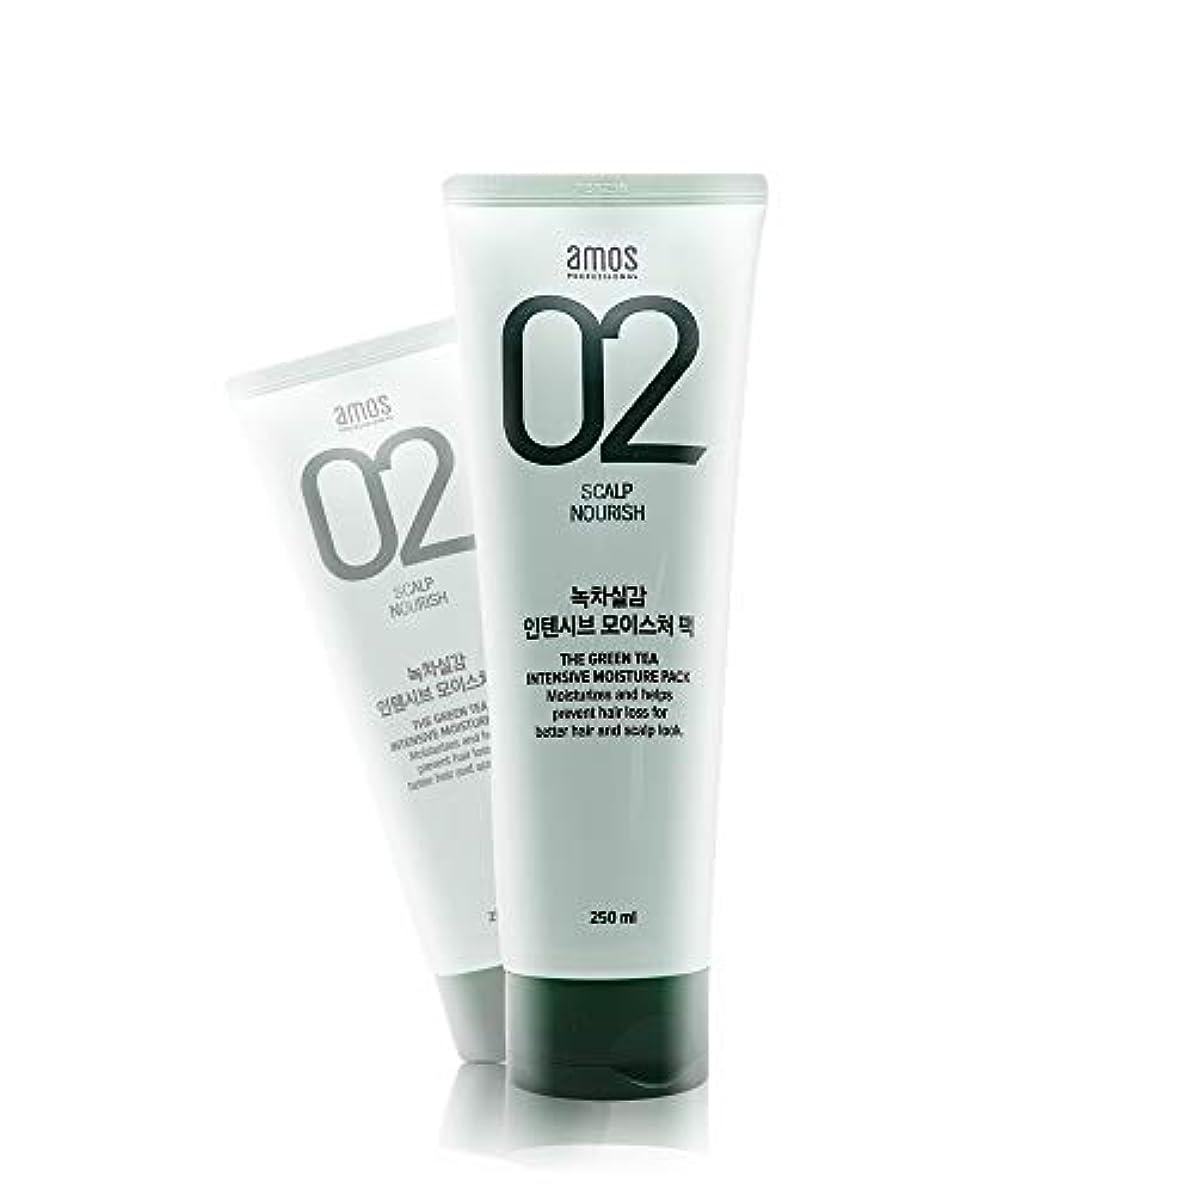 旅行バーターほぼアモス AMOS 緑茶実感インテンシブモイスチャーパック 250g, Feel the Green Tea Intensive Moisture Hair Pack